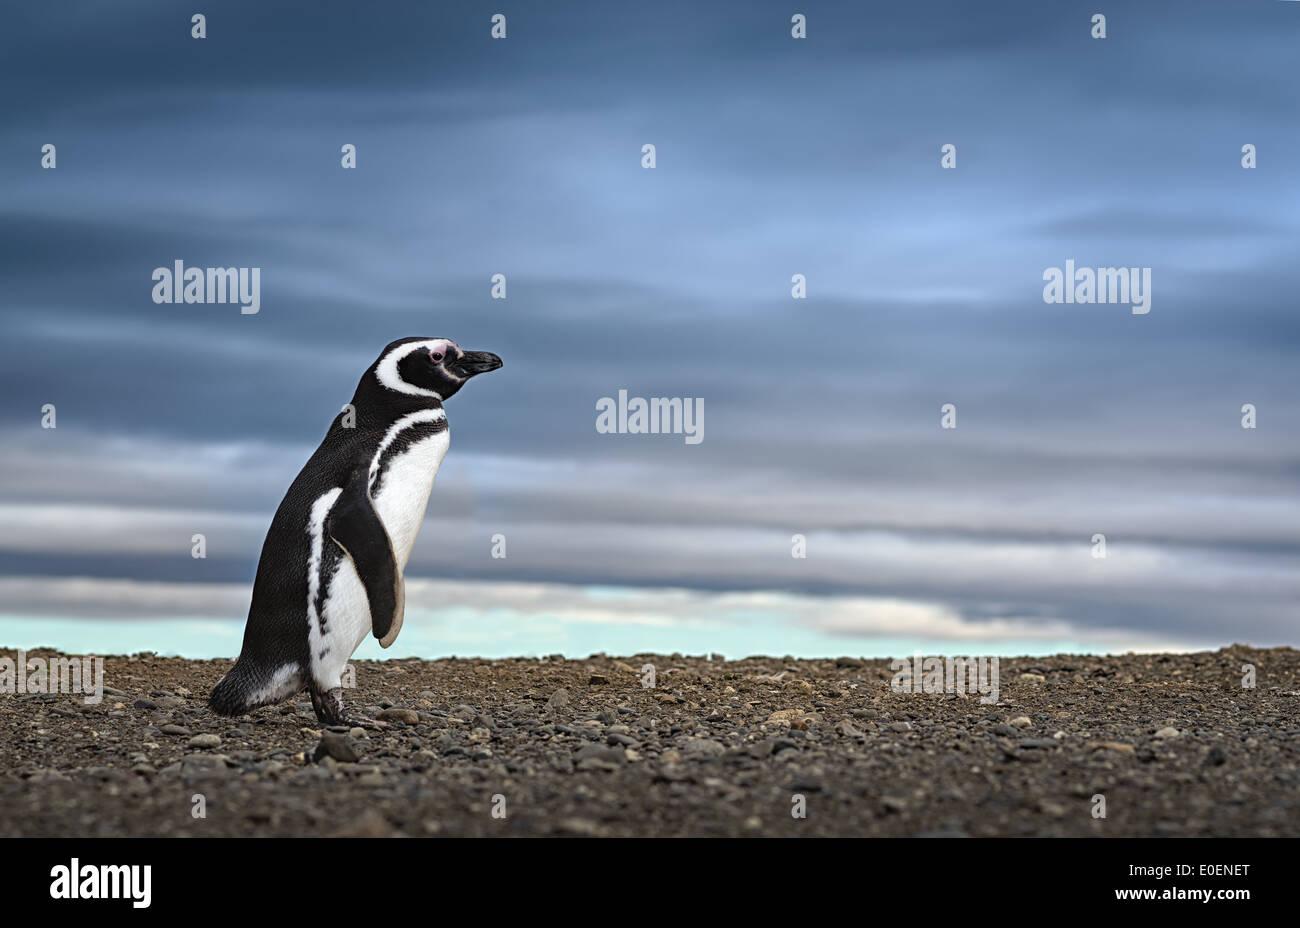 Entzückende Pinguin in Patagonien. Inspirierende Reisen Bild. High-Definition-Bild. Stockbild